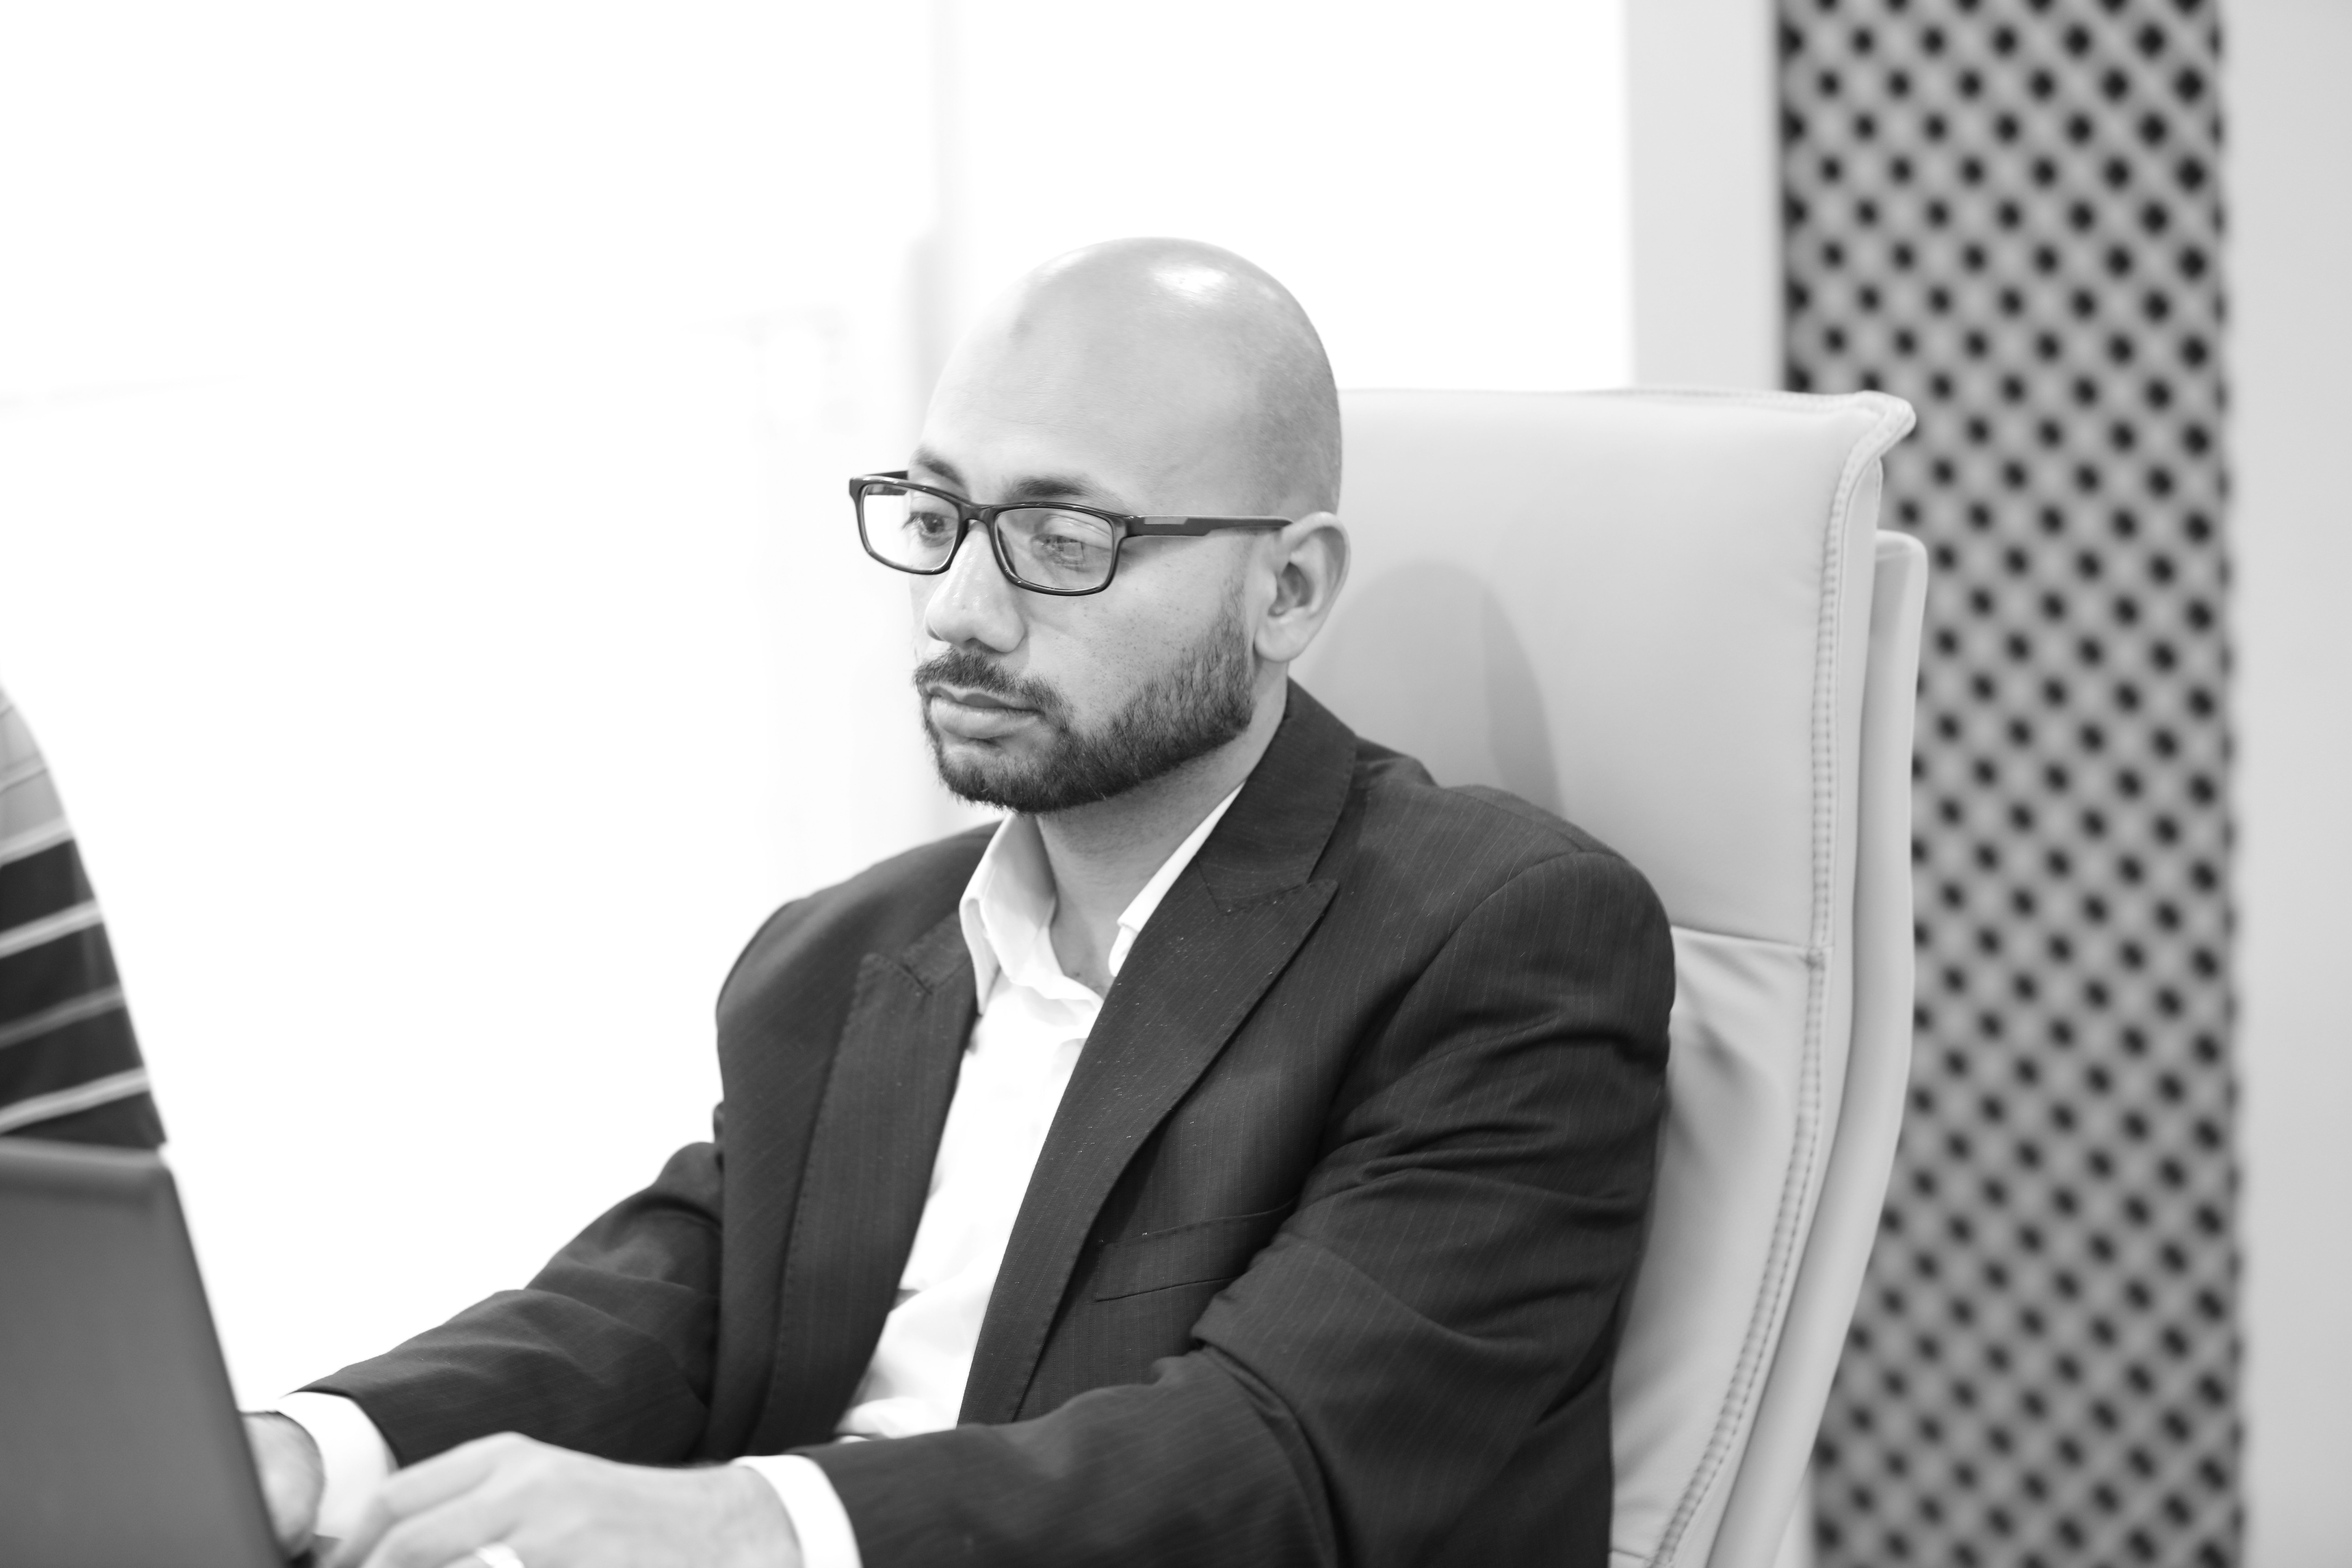 عبدالعظيم إسماعيل الأنصاري Headshot